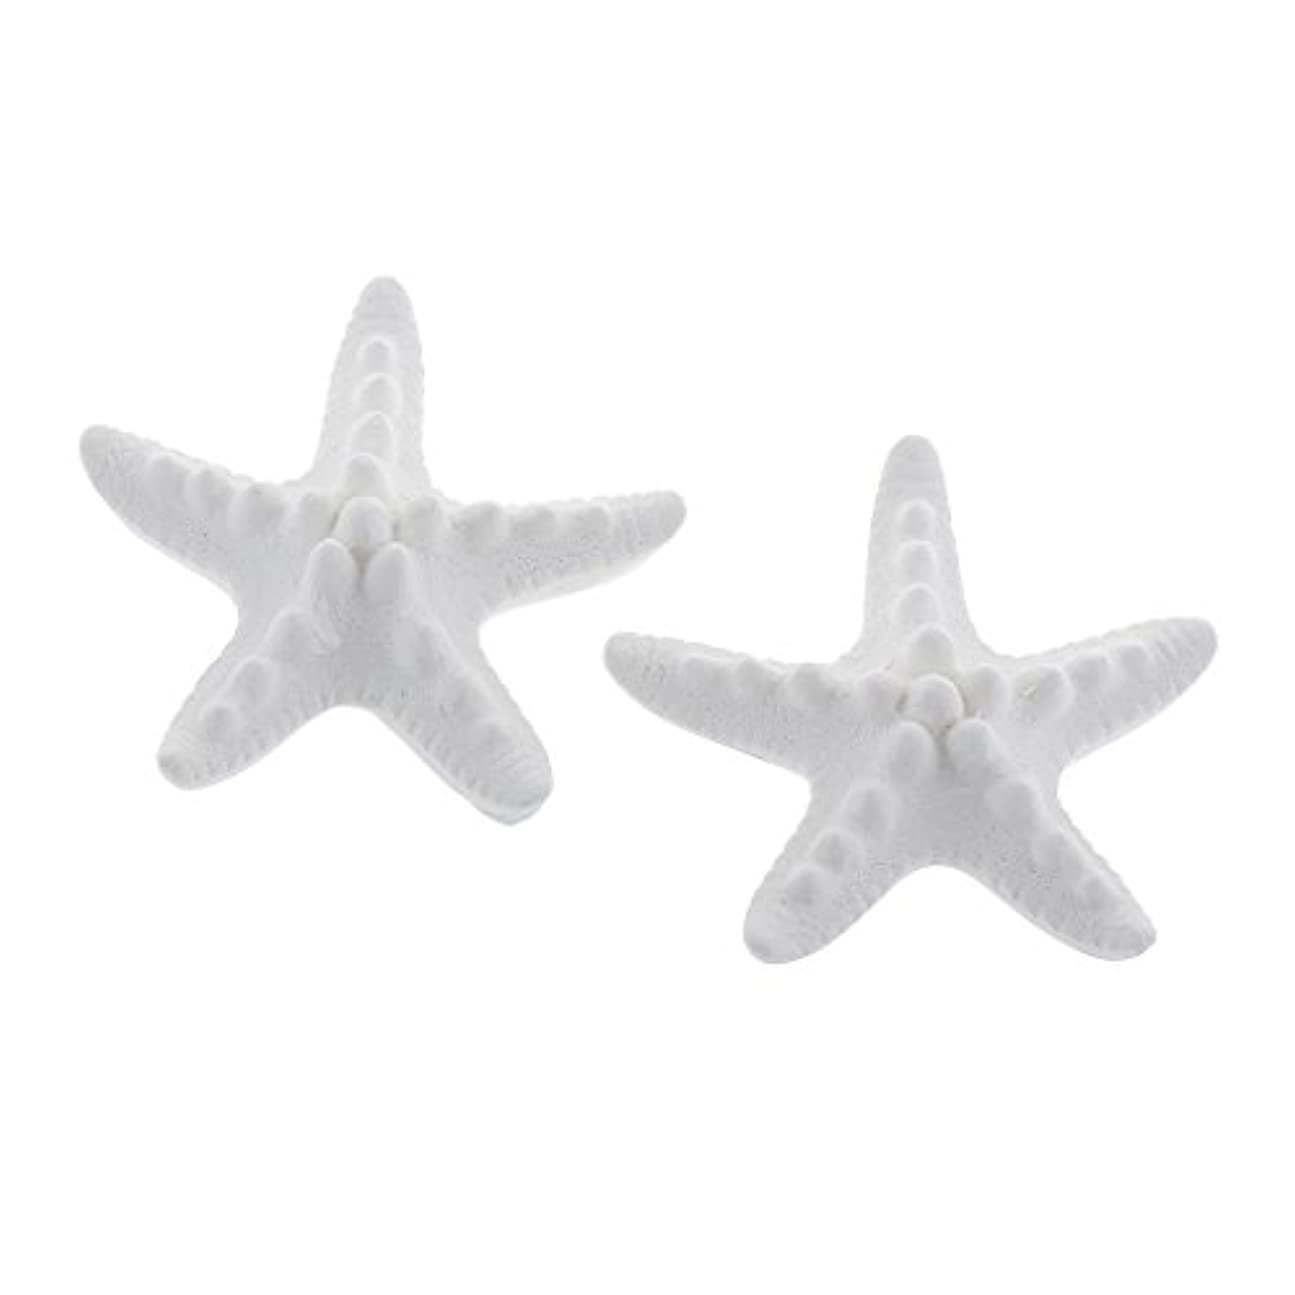 会社癒すコンテストFLAMEER 家の装飾のための2個のSeastarの香りの芳香の石DIYの精油の拡散器